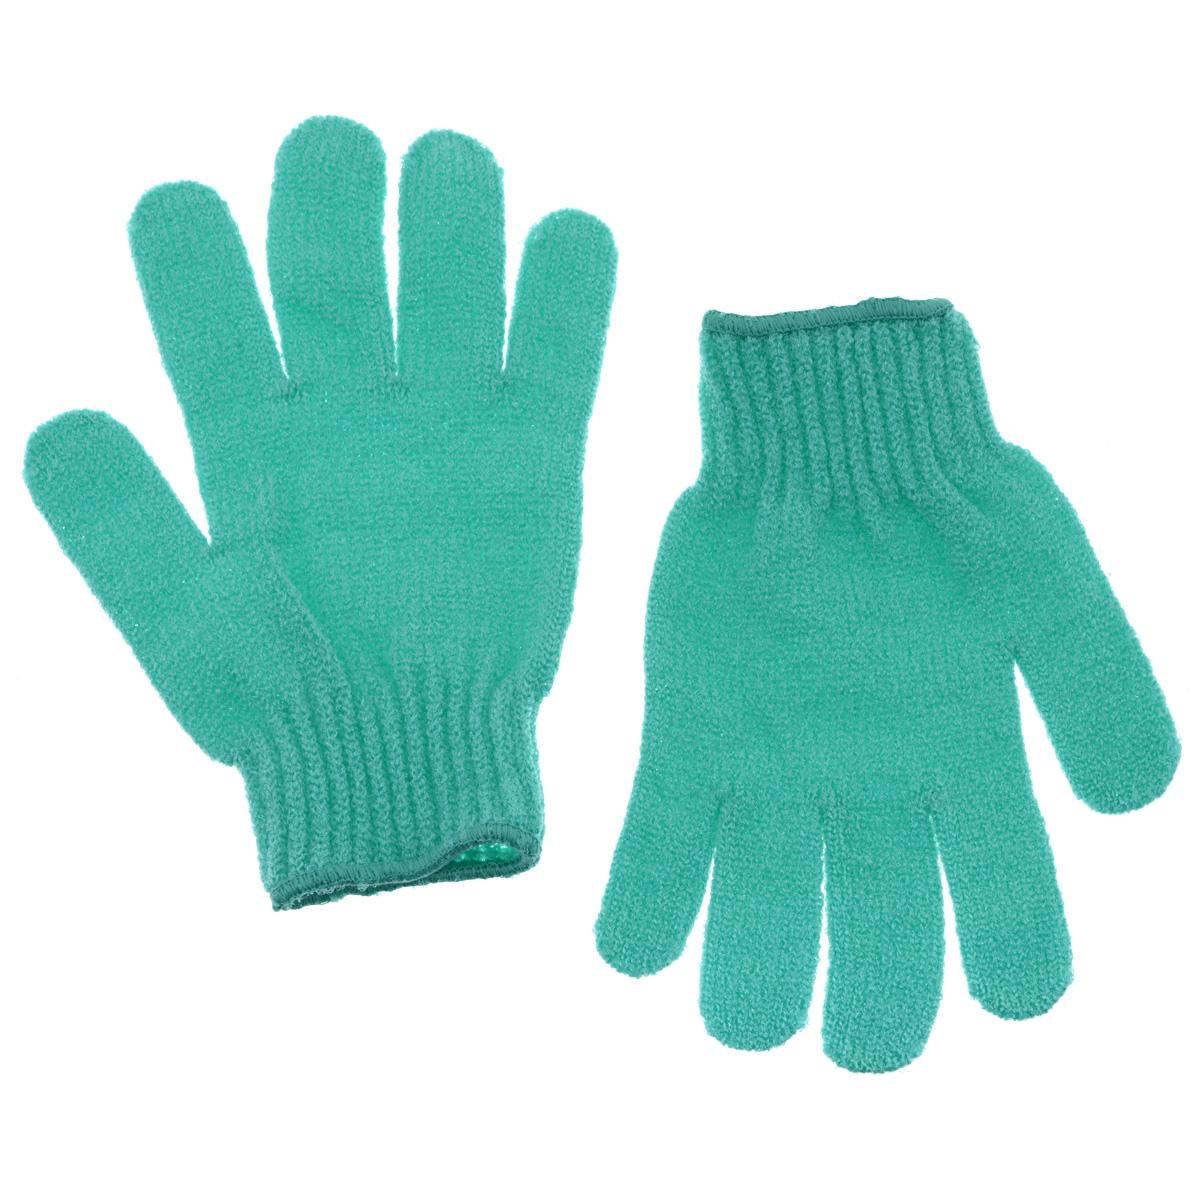 Riffi Перчатки для пилинга, цвет: бирюзовый35004_желтыйЭластичные безразмерные перчатки Riffi обладают активным антицеллюлитным эффектом и отличным пилинговым действием, тонизируя, массируя и эффективно очищая вашу кожу. Riffi освобождает кожу от отмерших клеток, стимулирует регенерацию. Эффективно предупреждают образование целлюлита и обеспечивают омолаживающий эффект. Кожа становится гладкой, упругой и лучше готовой к принятию косметических средств. Интенсивный и пощипывающе свежий массаж тела с применением Riffi стимулирует кровообращение, активирует кровоснабжение, способствует обмену веществ. В комплекте 1 пара перчаток. Характеристики:Материал: 100% полиакрил. Размер перчатки (в нерастянутом виде): 17,5 см x 12,5 см. Артикул:615.